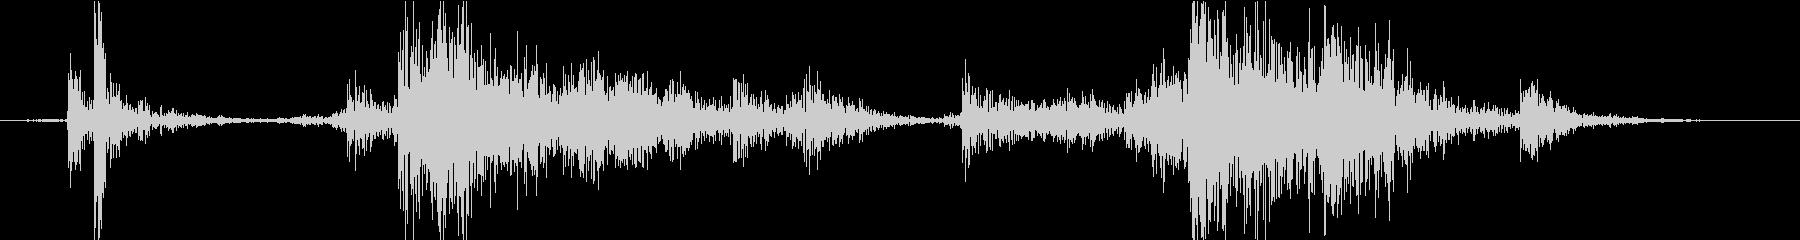 Material 道具箱の音 DIYの未再生の波形